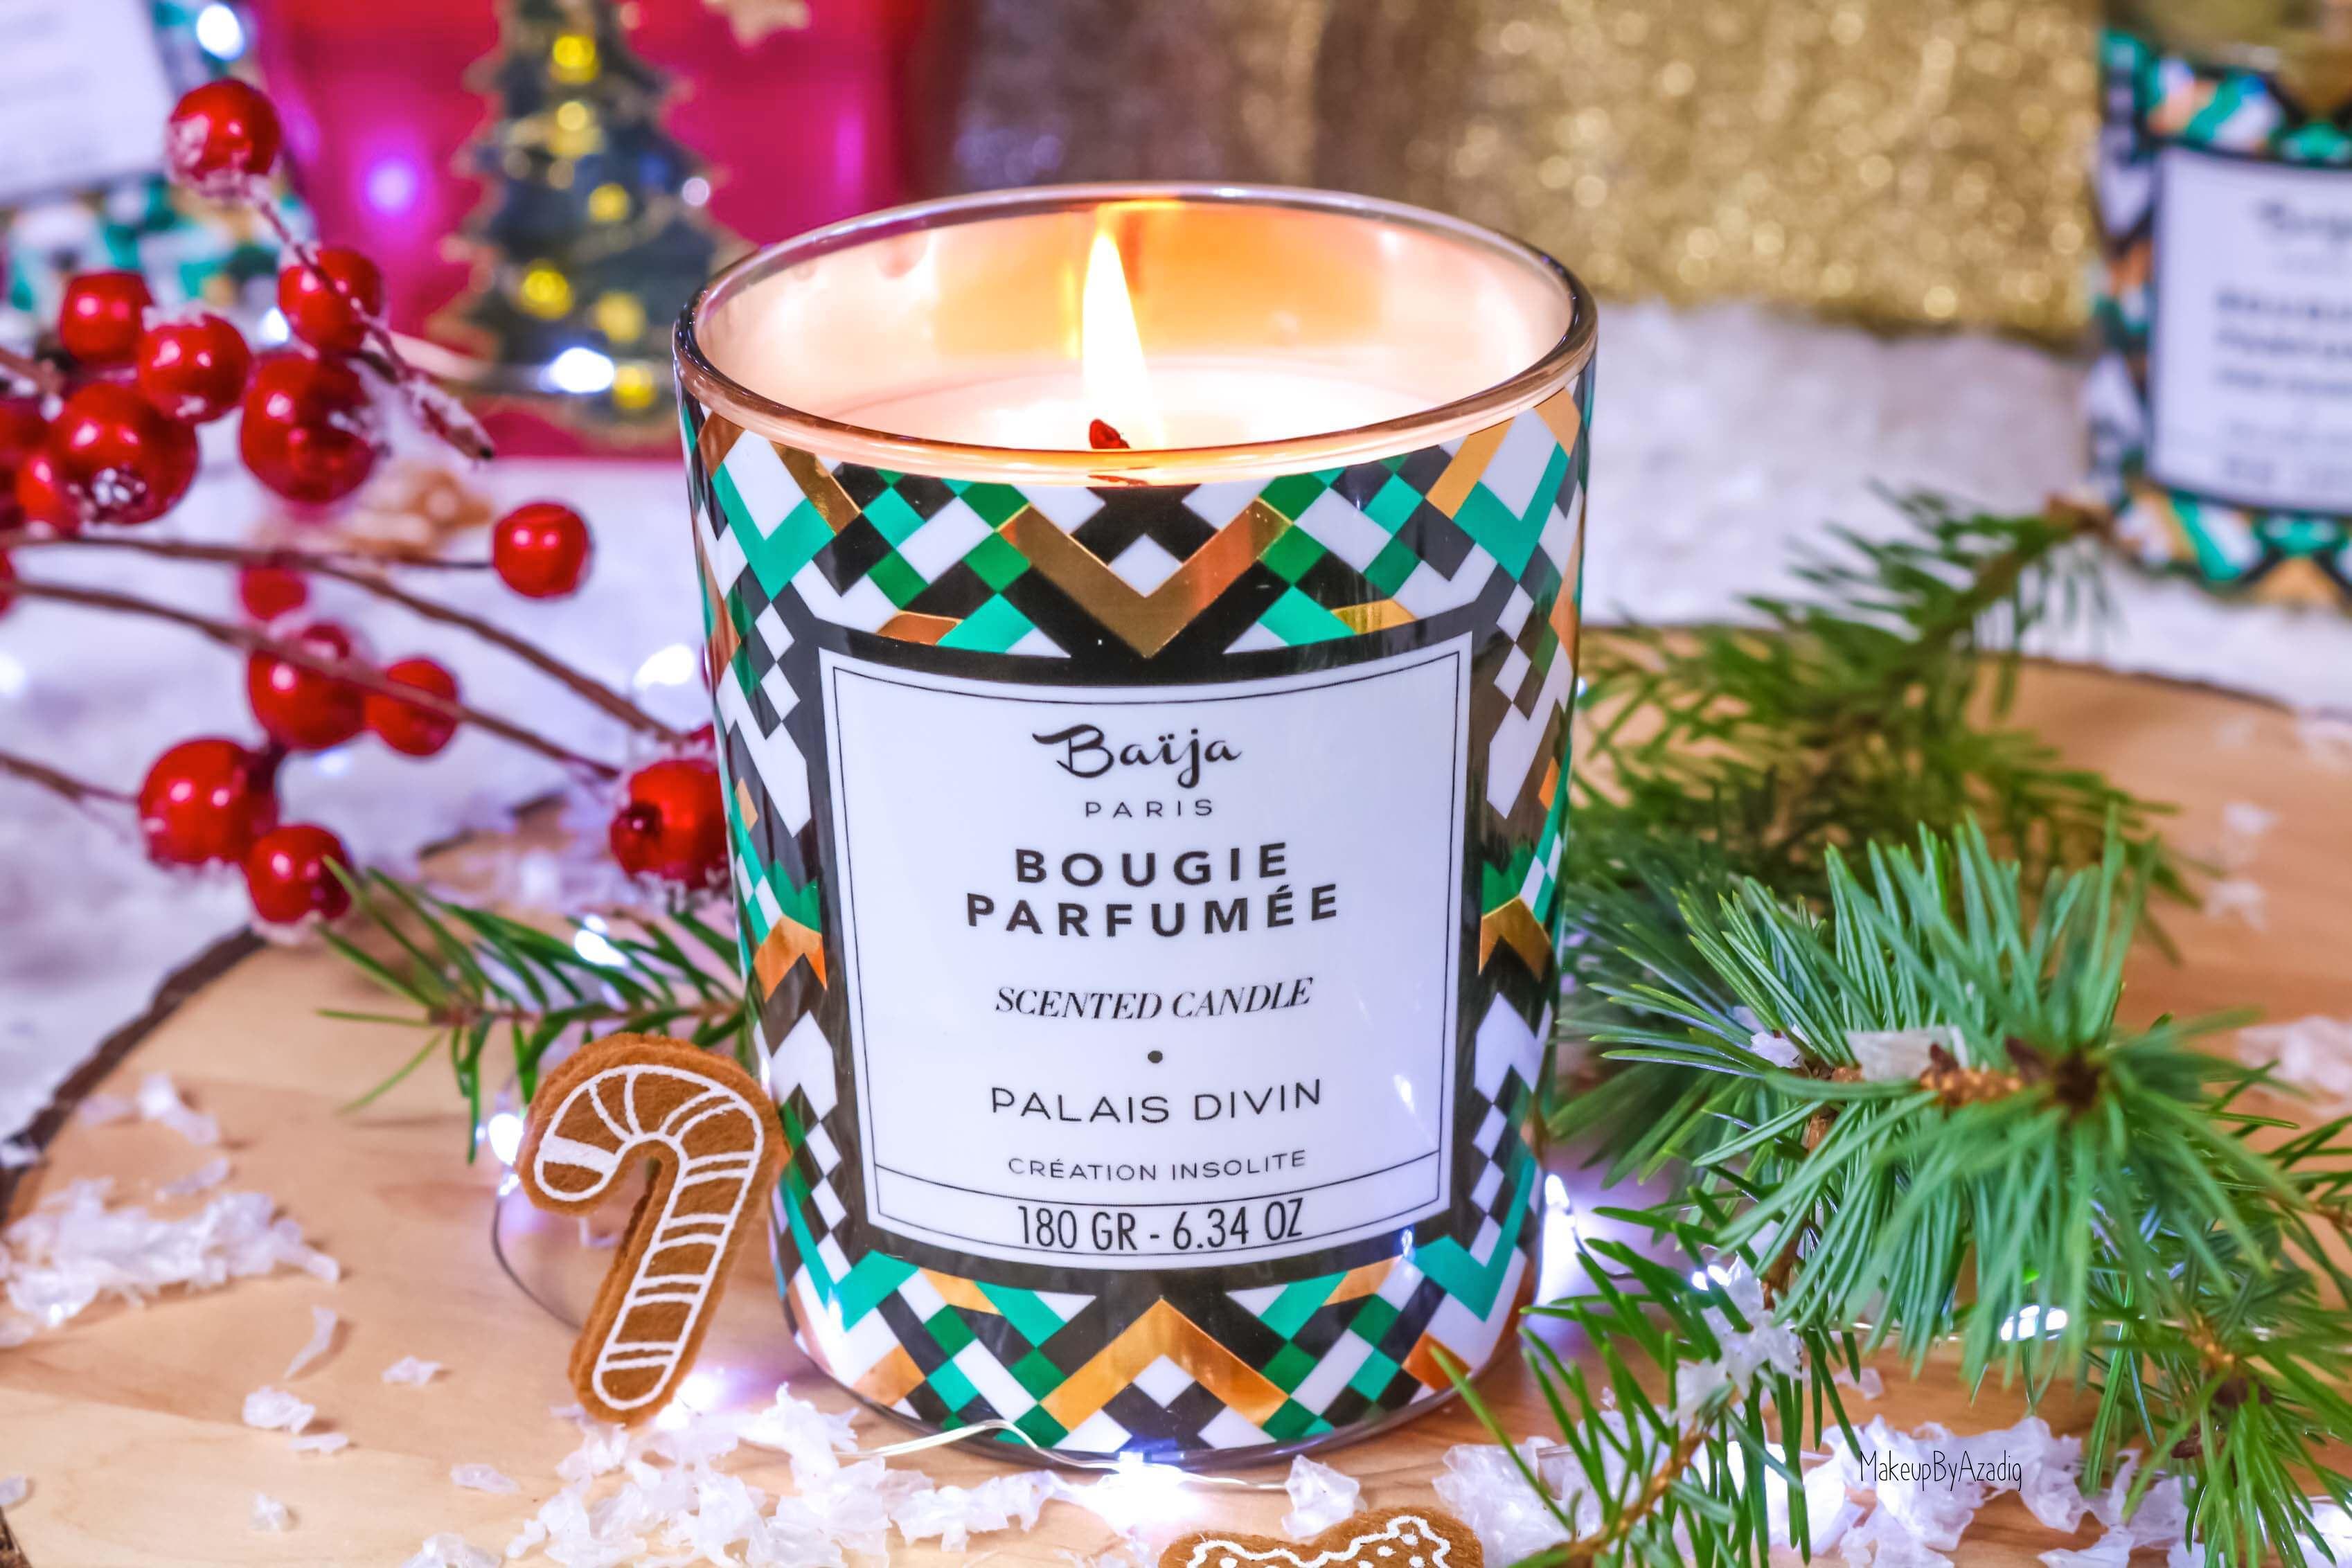 nouveaute-parfum-interieur-maison-baija-palais-divin-ambre-vanille-bougie-savon-marseille-bouquet-avis-prix-makeupbyazadig-candle